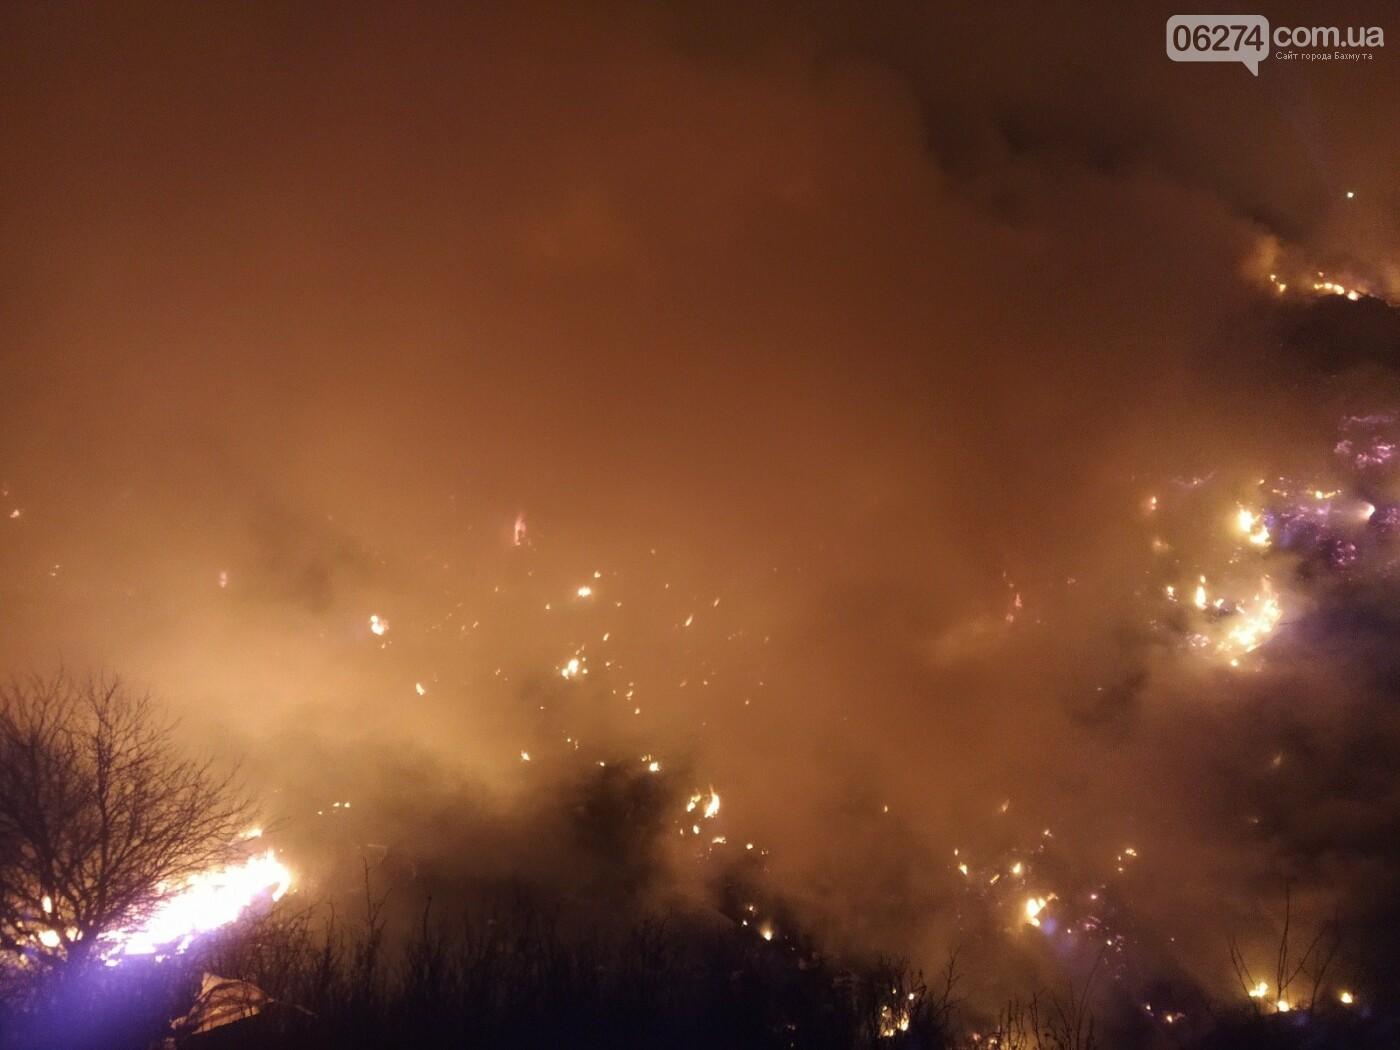 Спасатели ликвидируют пожар на полигоне вблизи г. Бахмут, фото-5